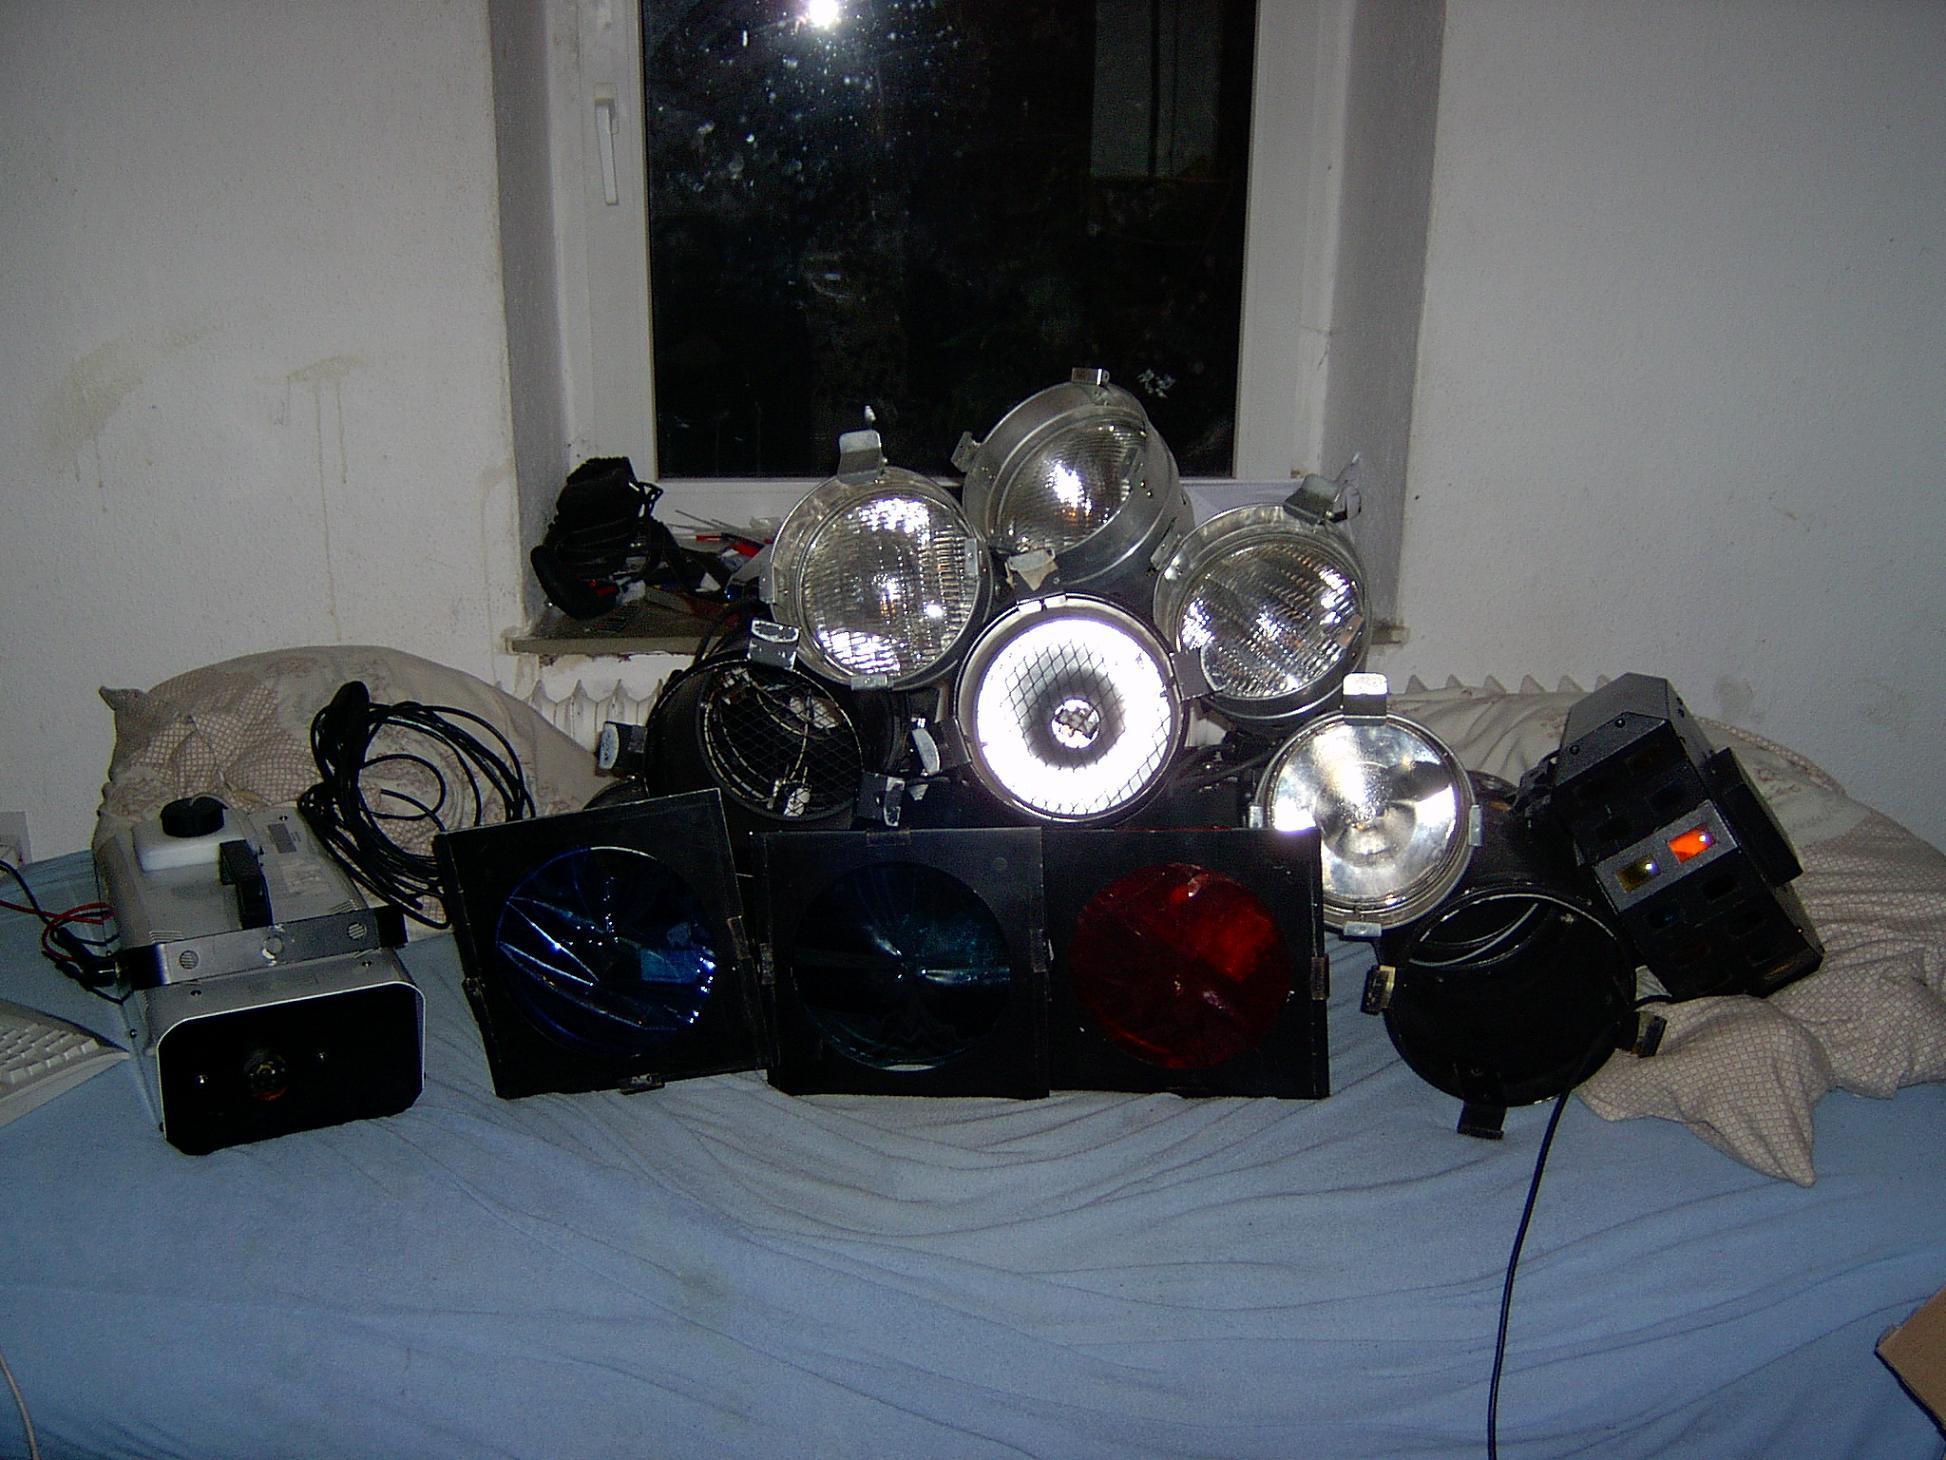 aipf3yoepglx6wo3b Spannende Mehrere Glühbirnen An Einen Anschluss Dekorationen